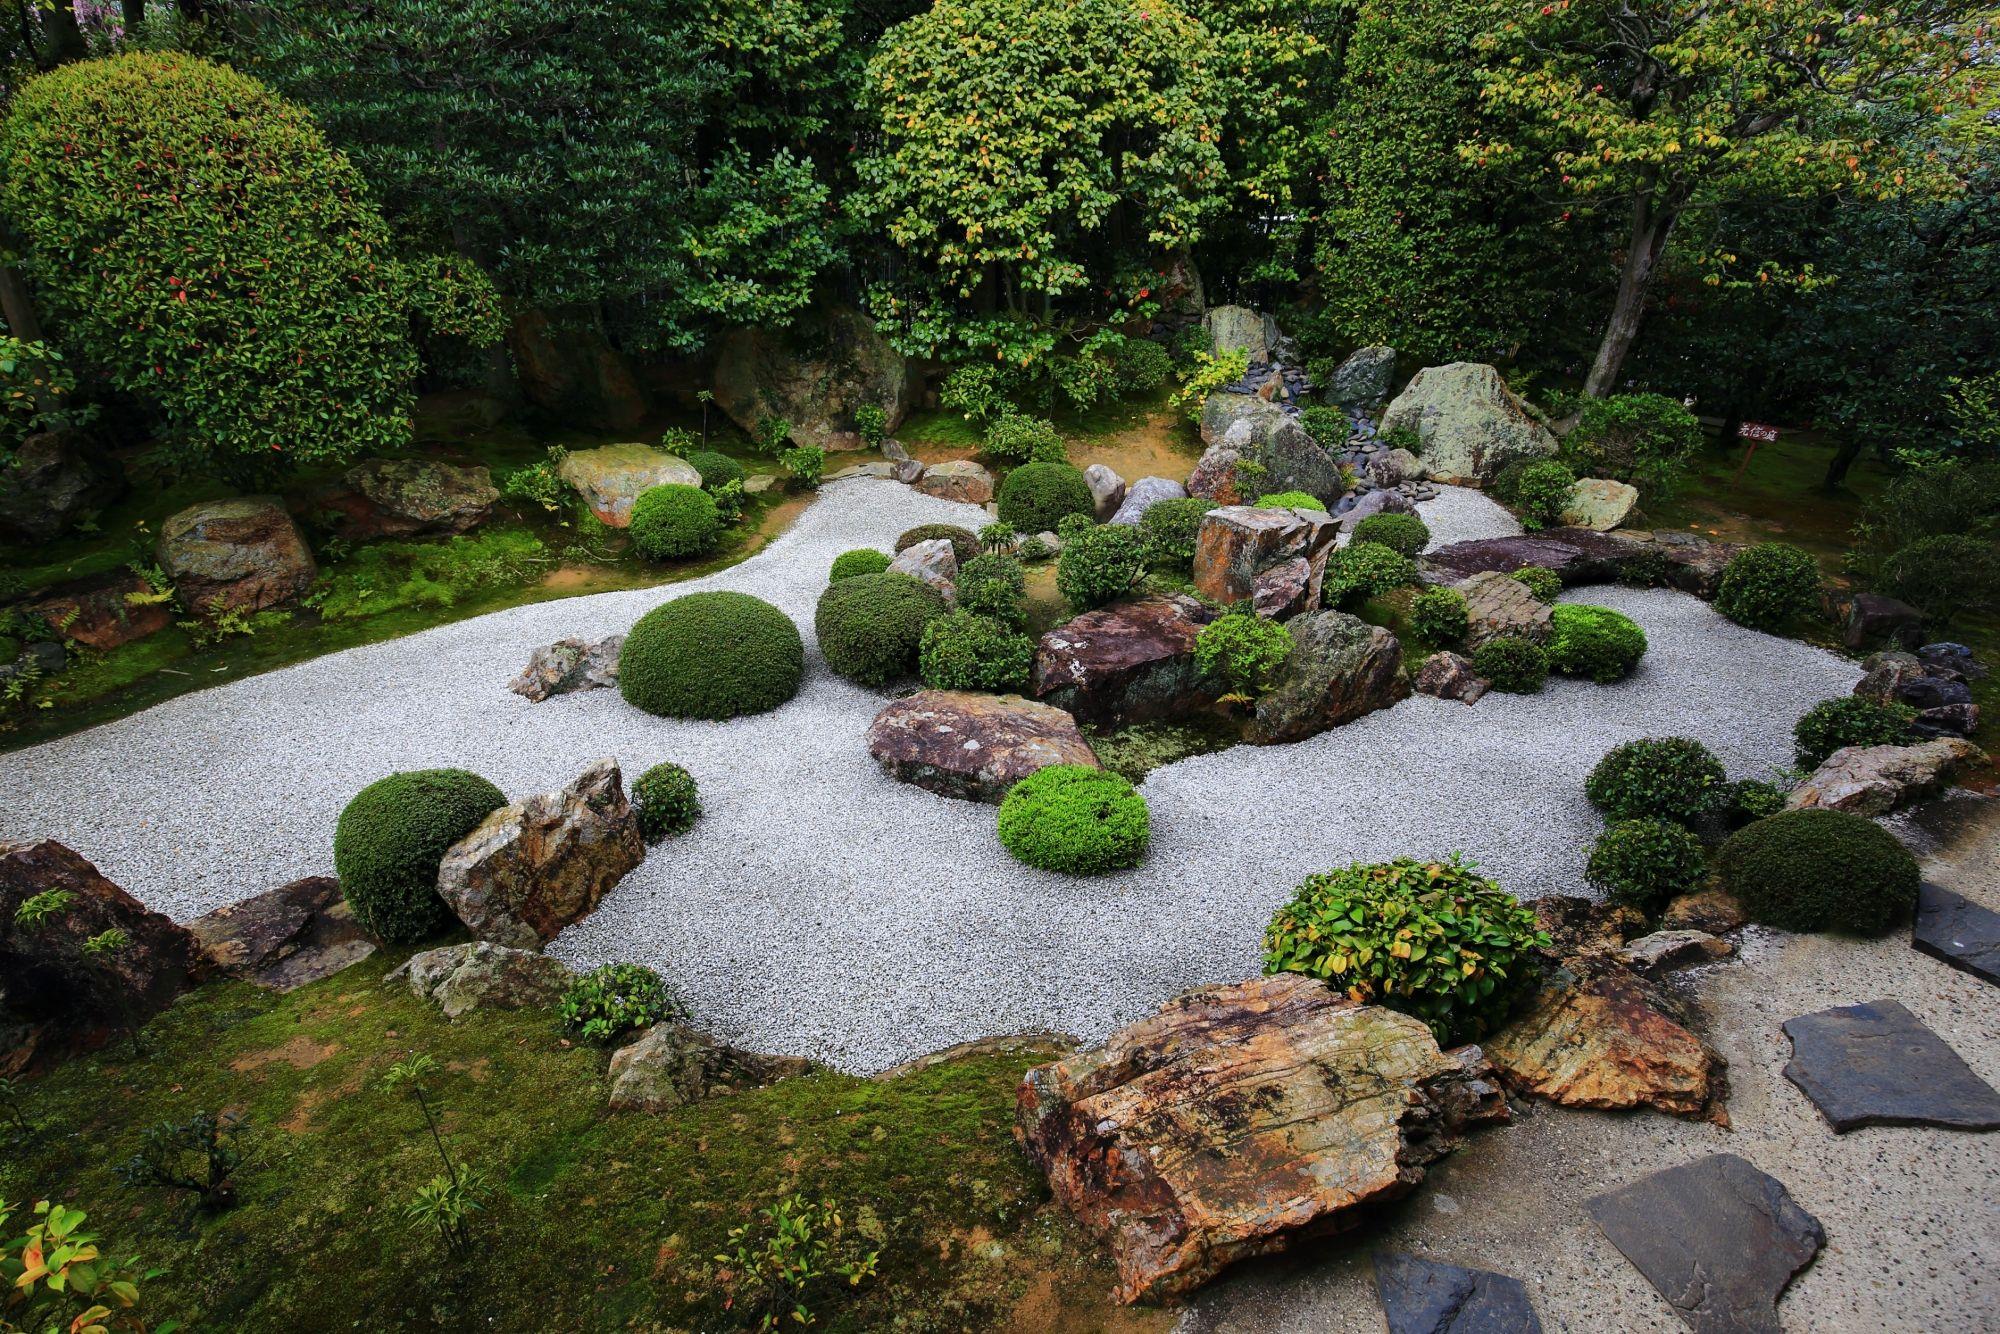 陰陽の庭と余香苑のしだれ桜と元信の庭 春の退蔵院 | 日本庭園 ...